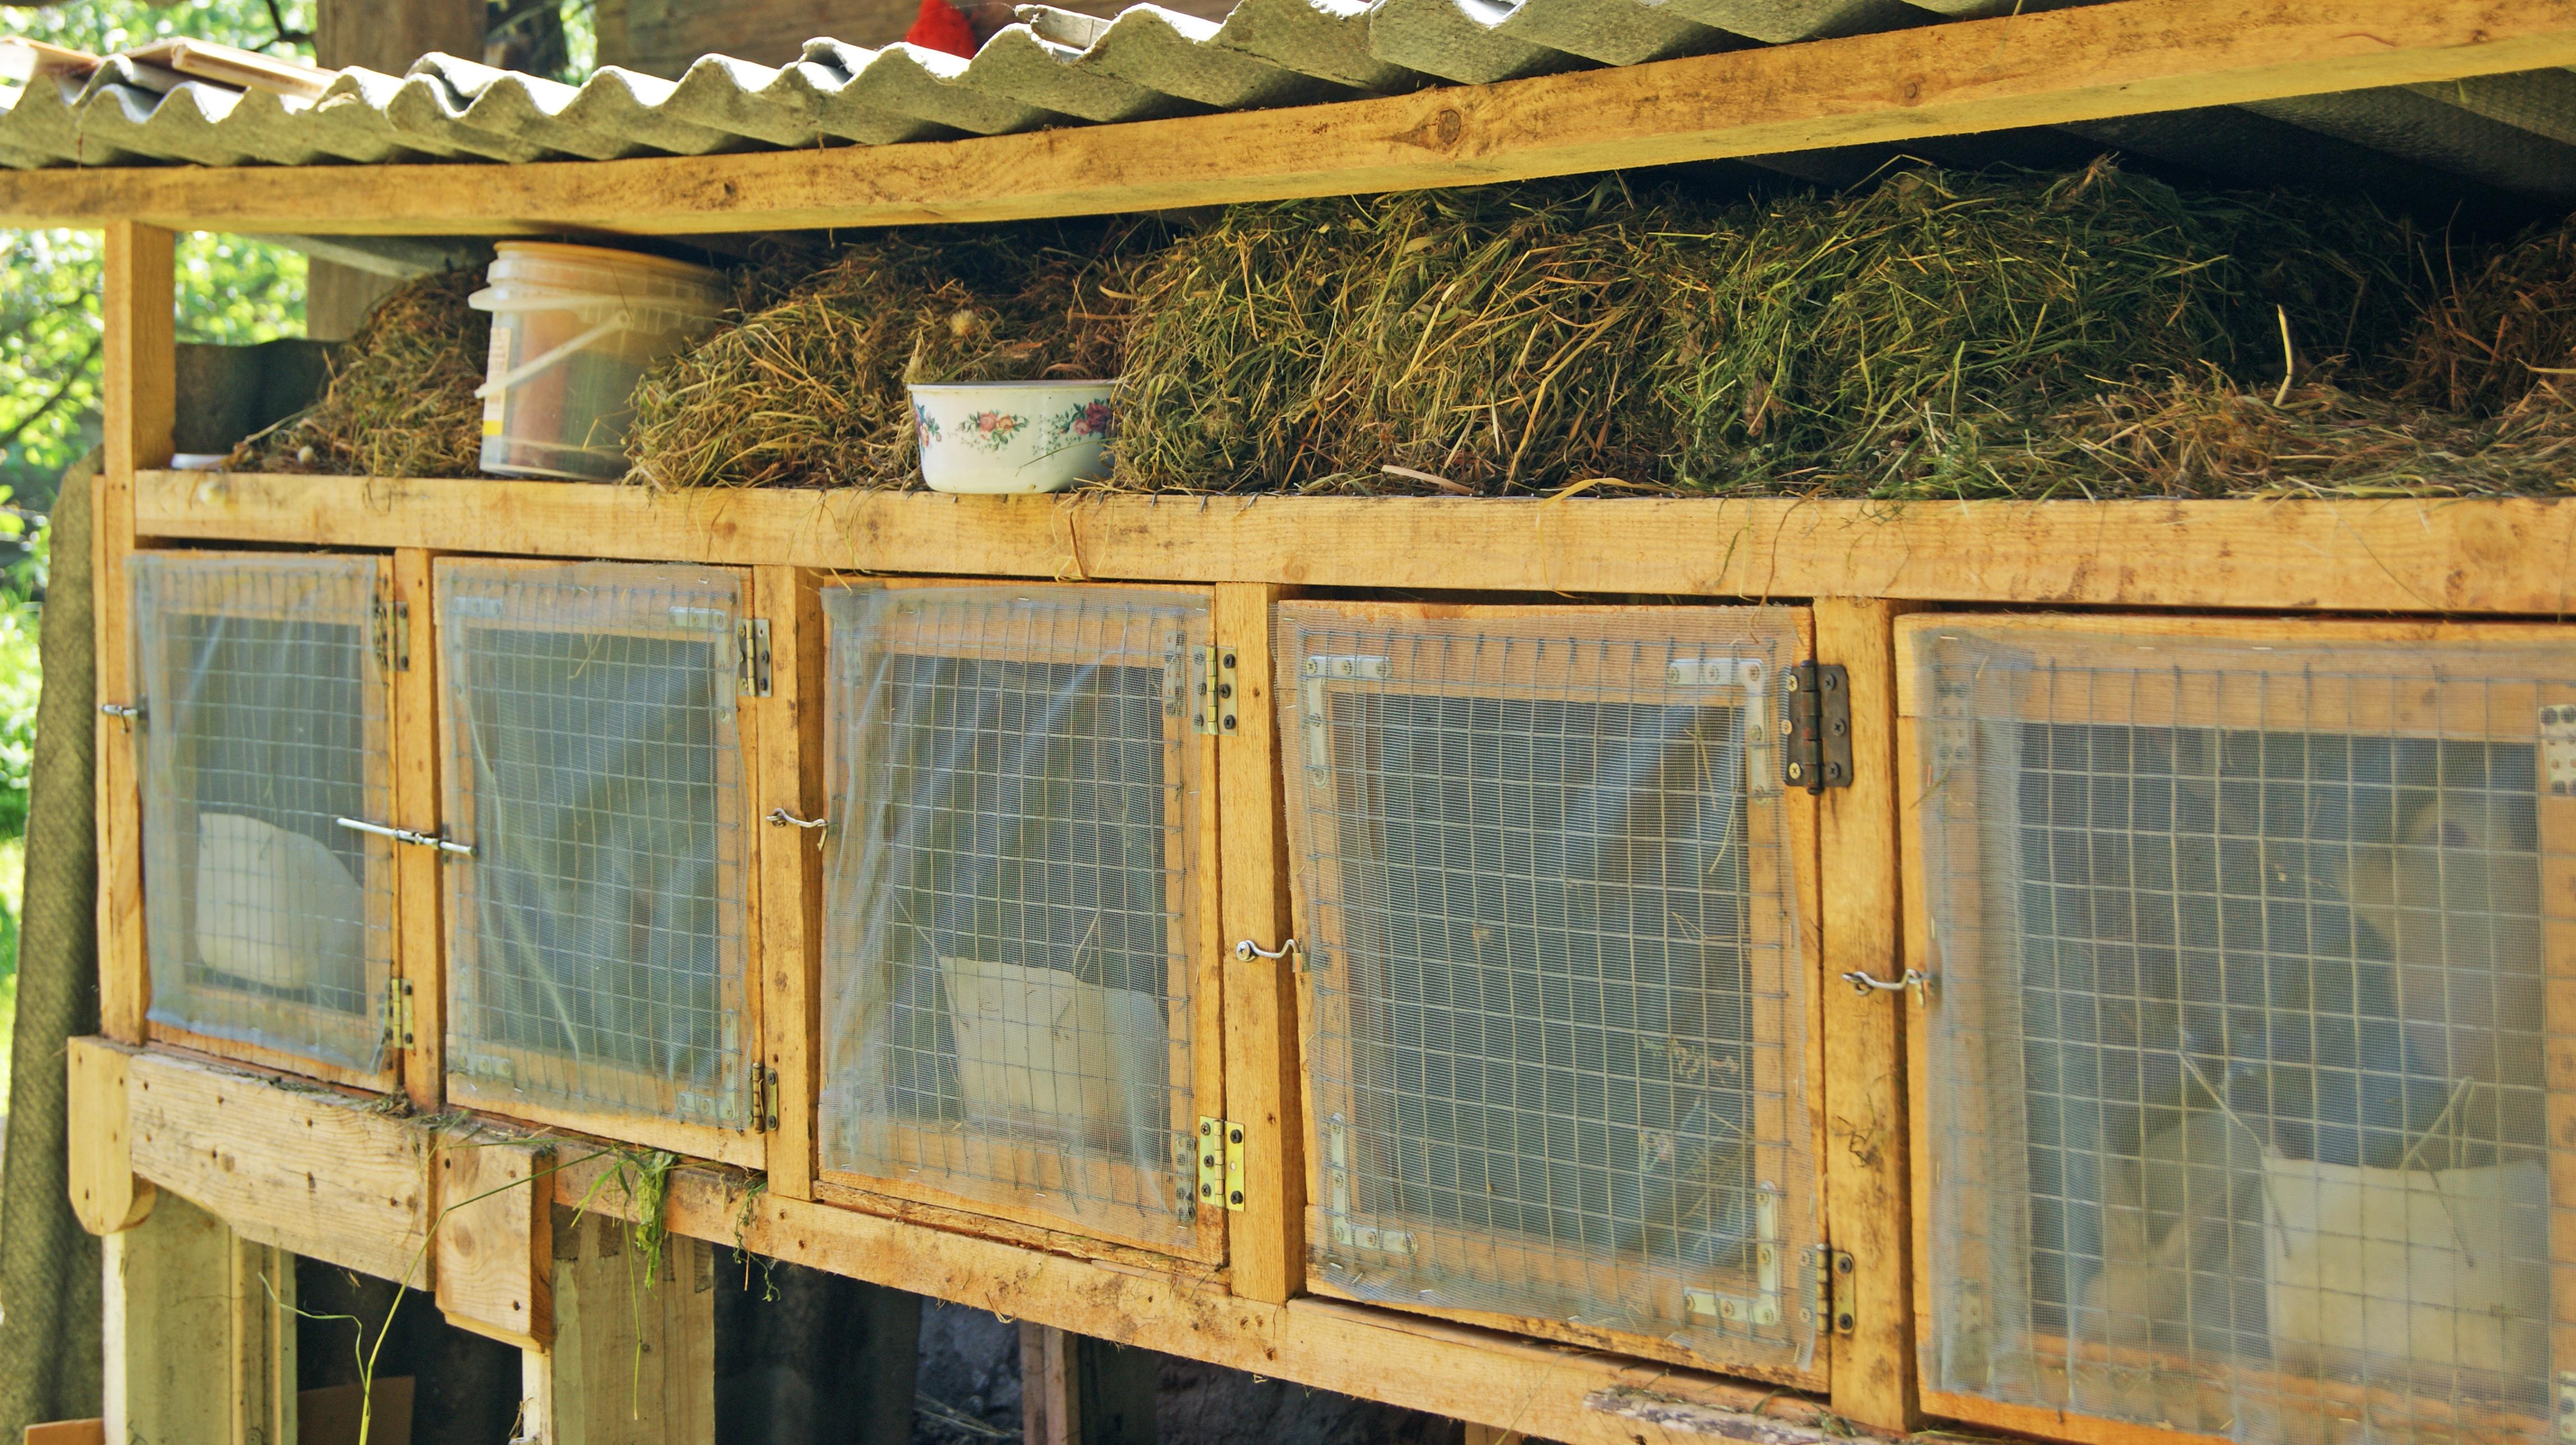 Kaningulsot är mycket smittsamt och överförs vid direktkontakt eller indirekt kontakt. Ett exempel är om vilda kaniner uppehåller sig kring en tamkanins bur, då finns det risk för att smittan sprids indirekt via avföring eller urin.